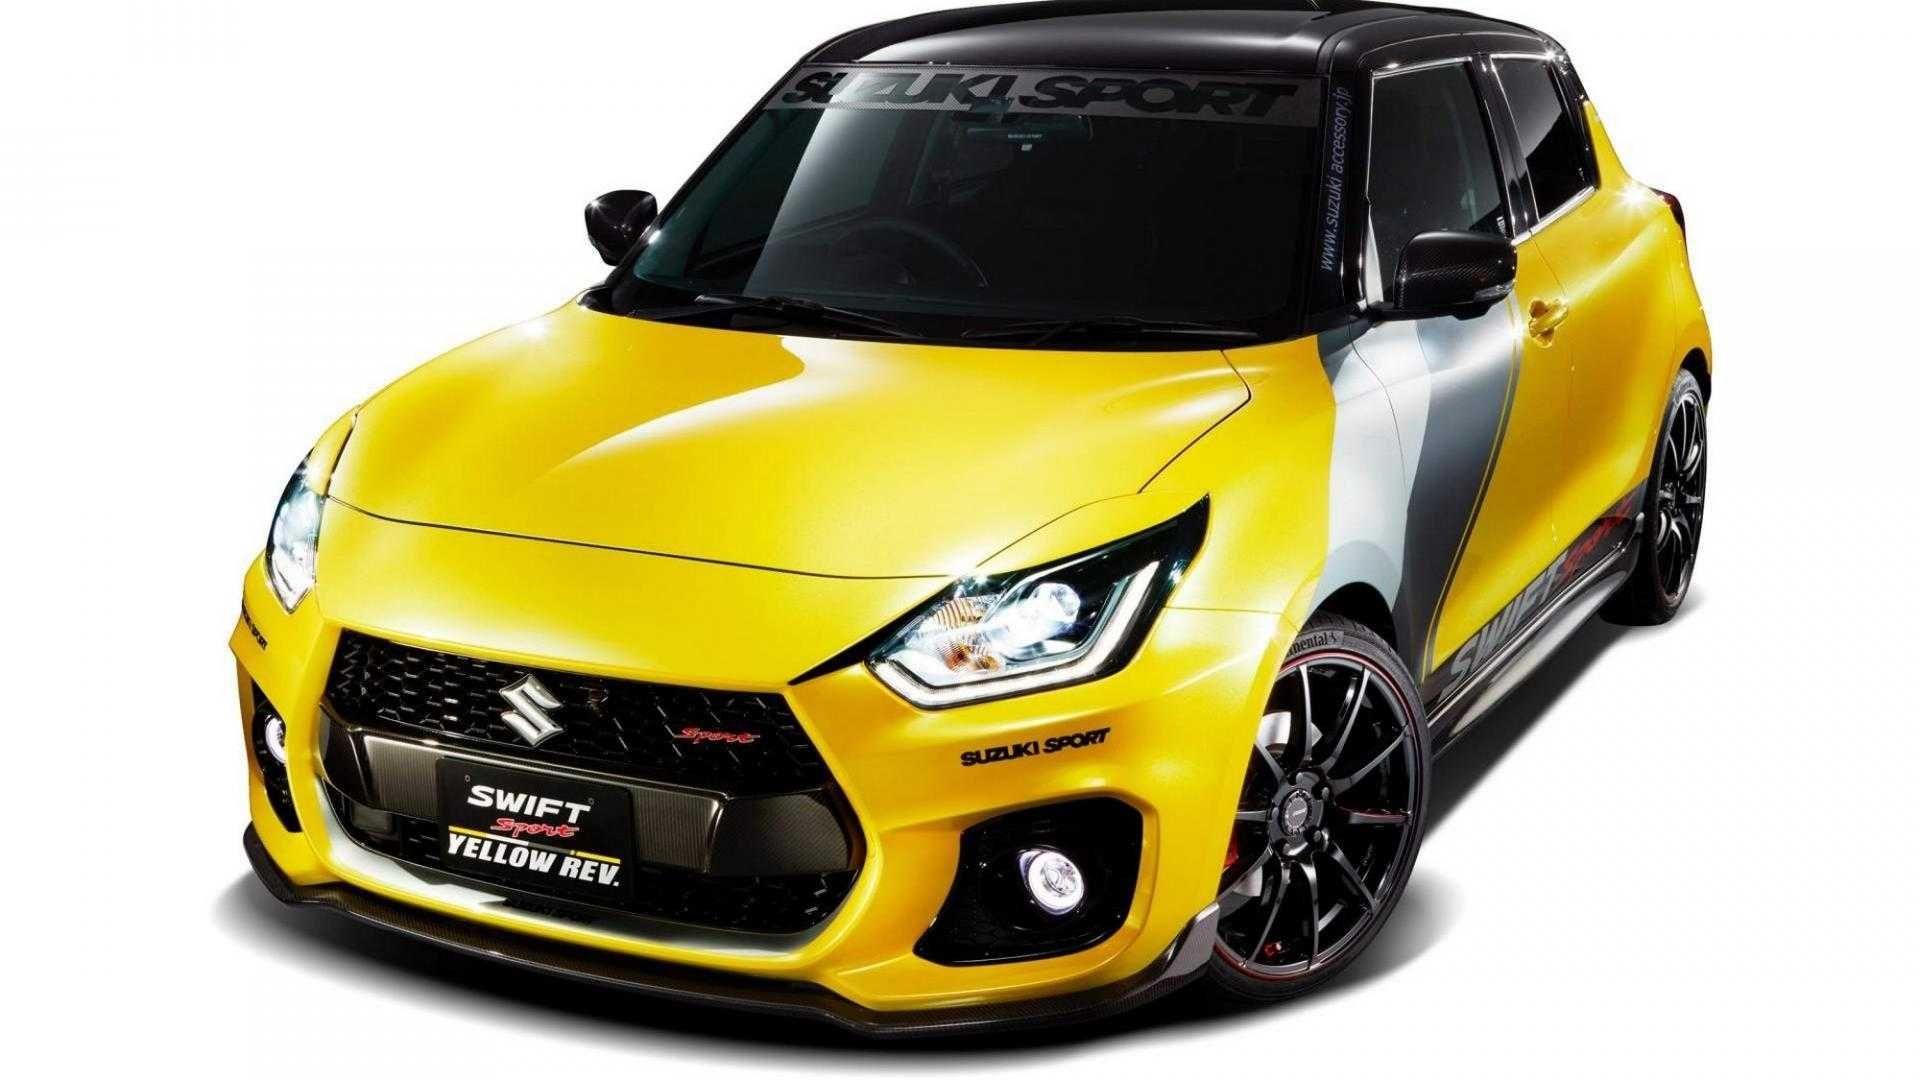 Suzuki Swift Sports Yellow Rev Looks Ready To Go Racing Suzuki Swift Jimny Suzuki Autos Deportivos